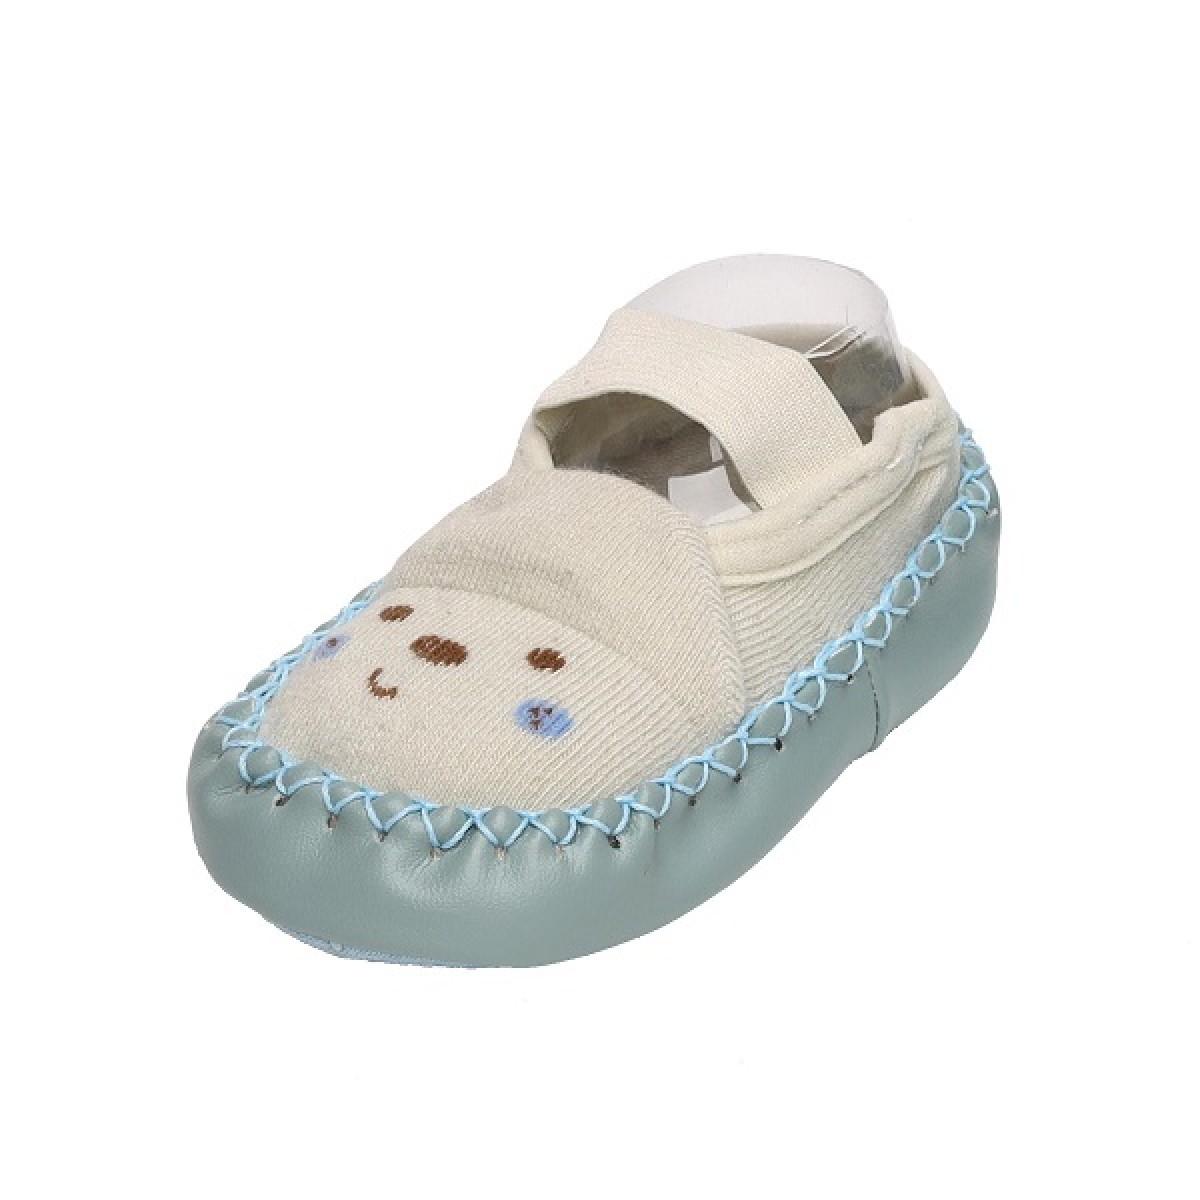 Happy Feet Pink & Blue Slip On Booties - 2 Pack